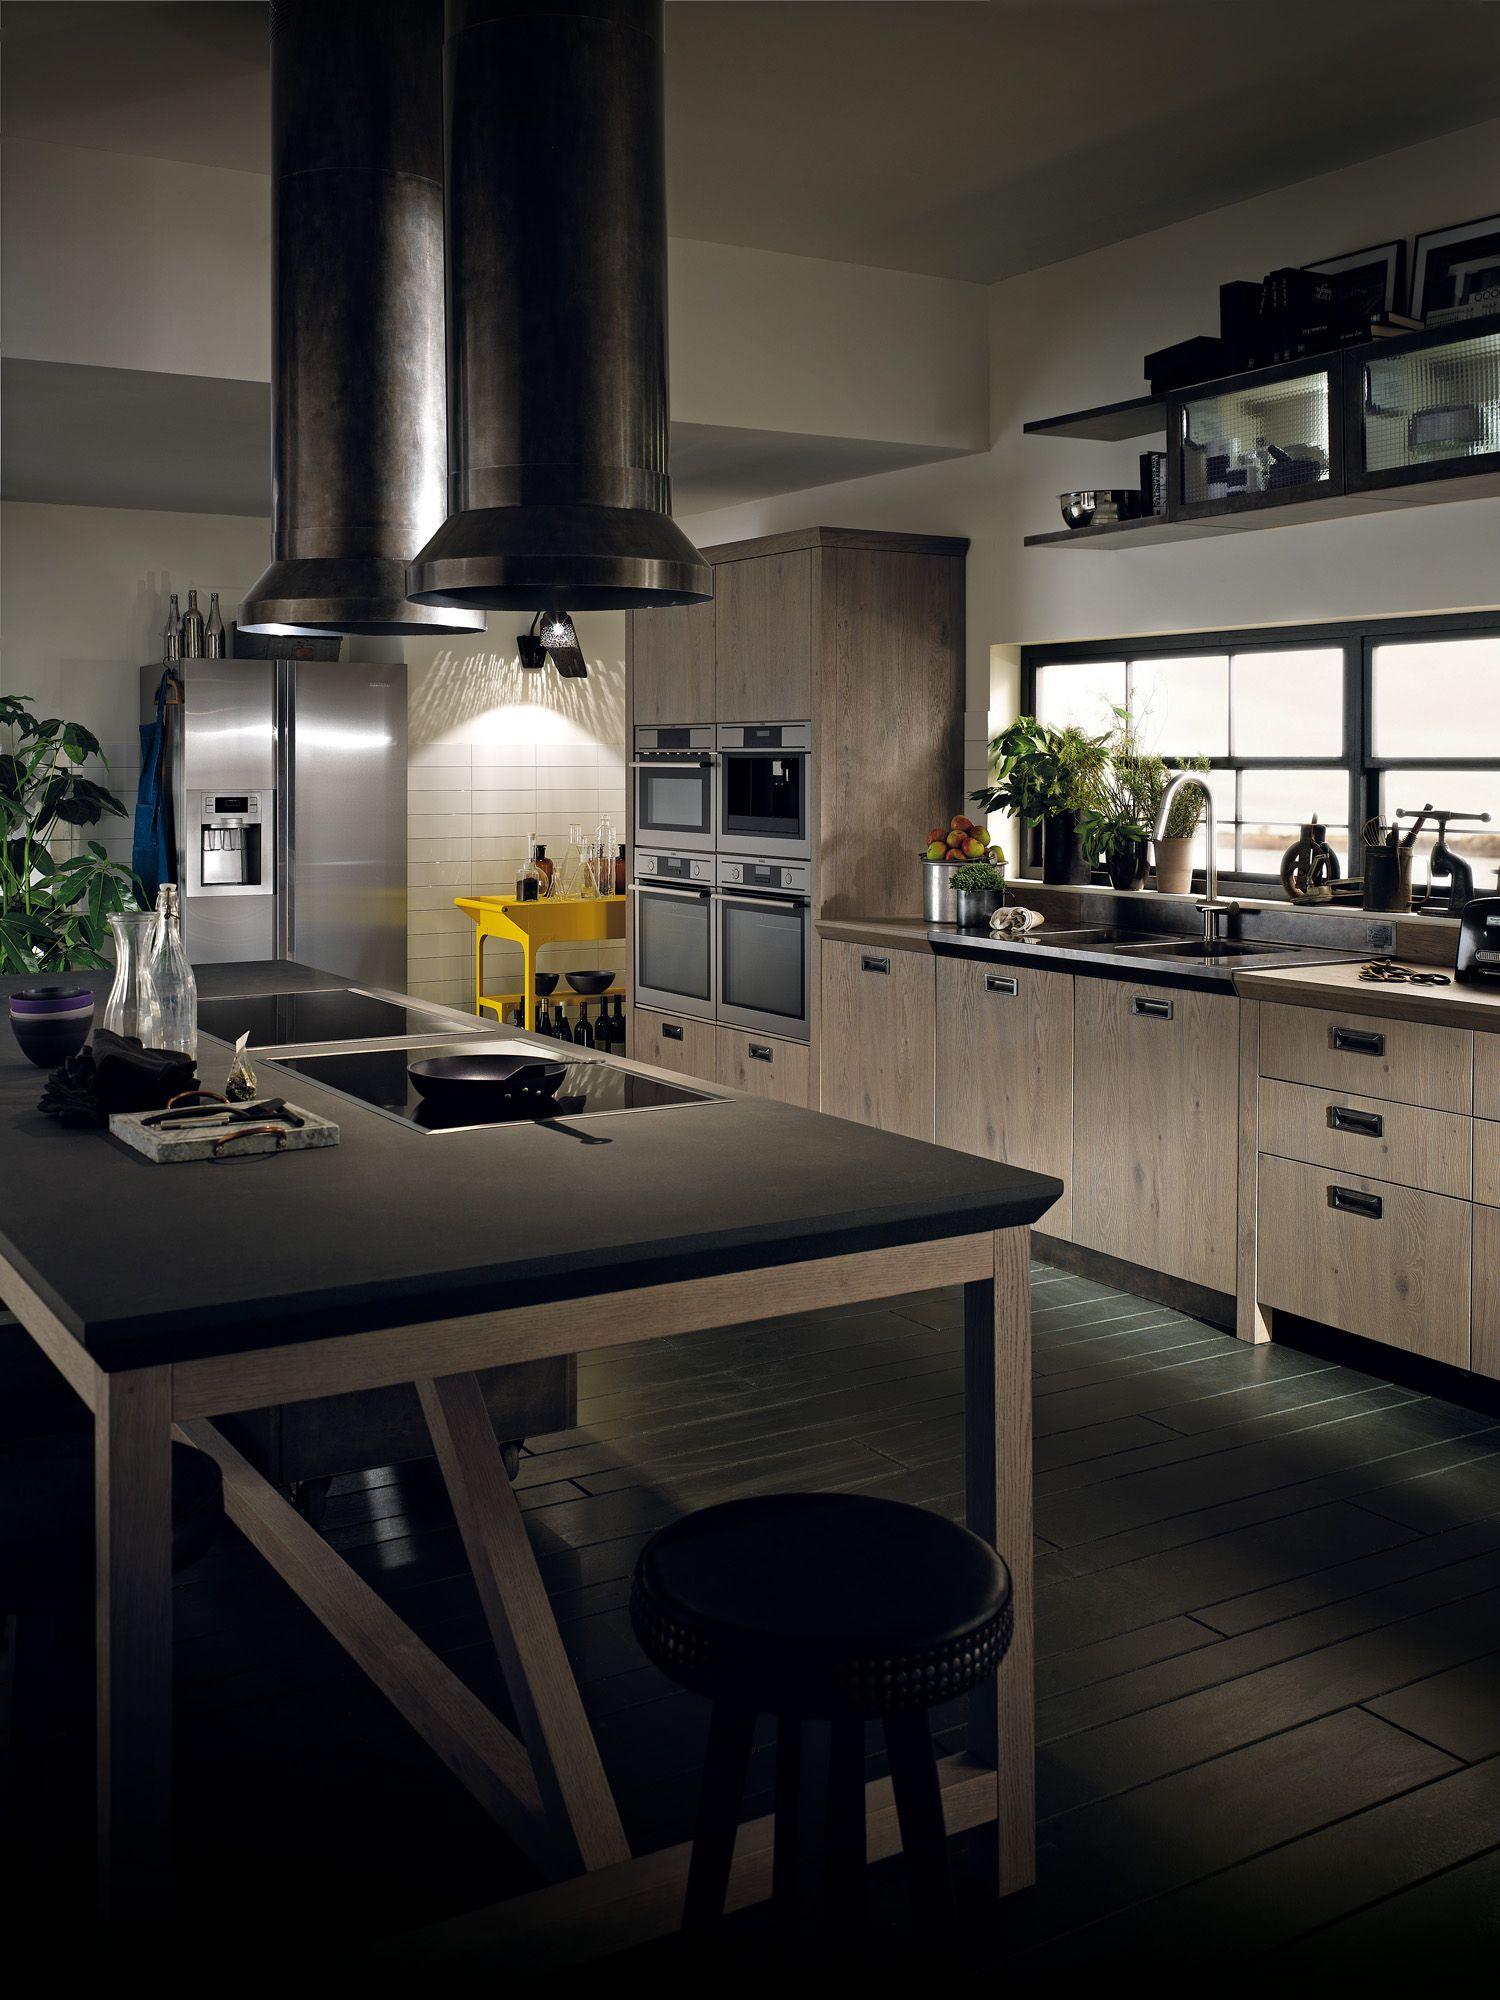 Diesel Social Kitchen design by Diesel. Freedom to interpret! For ...